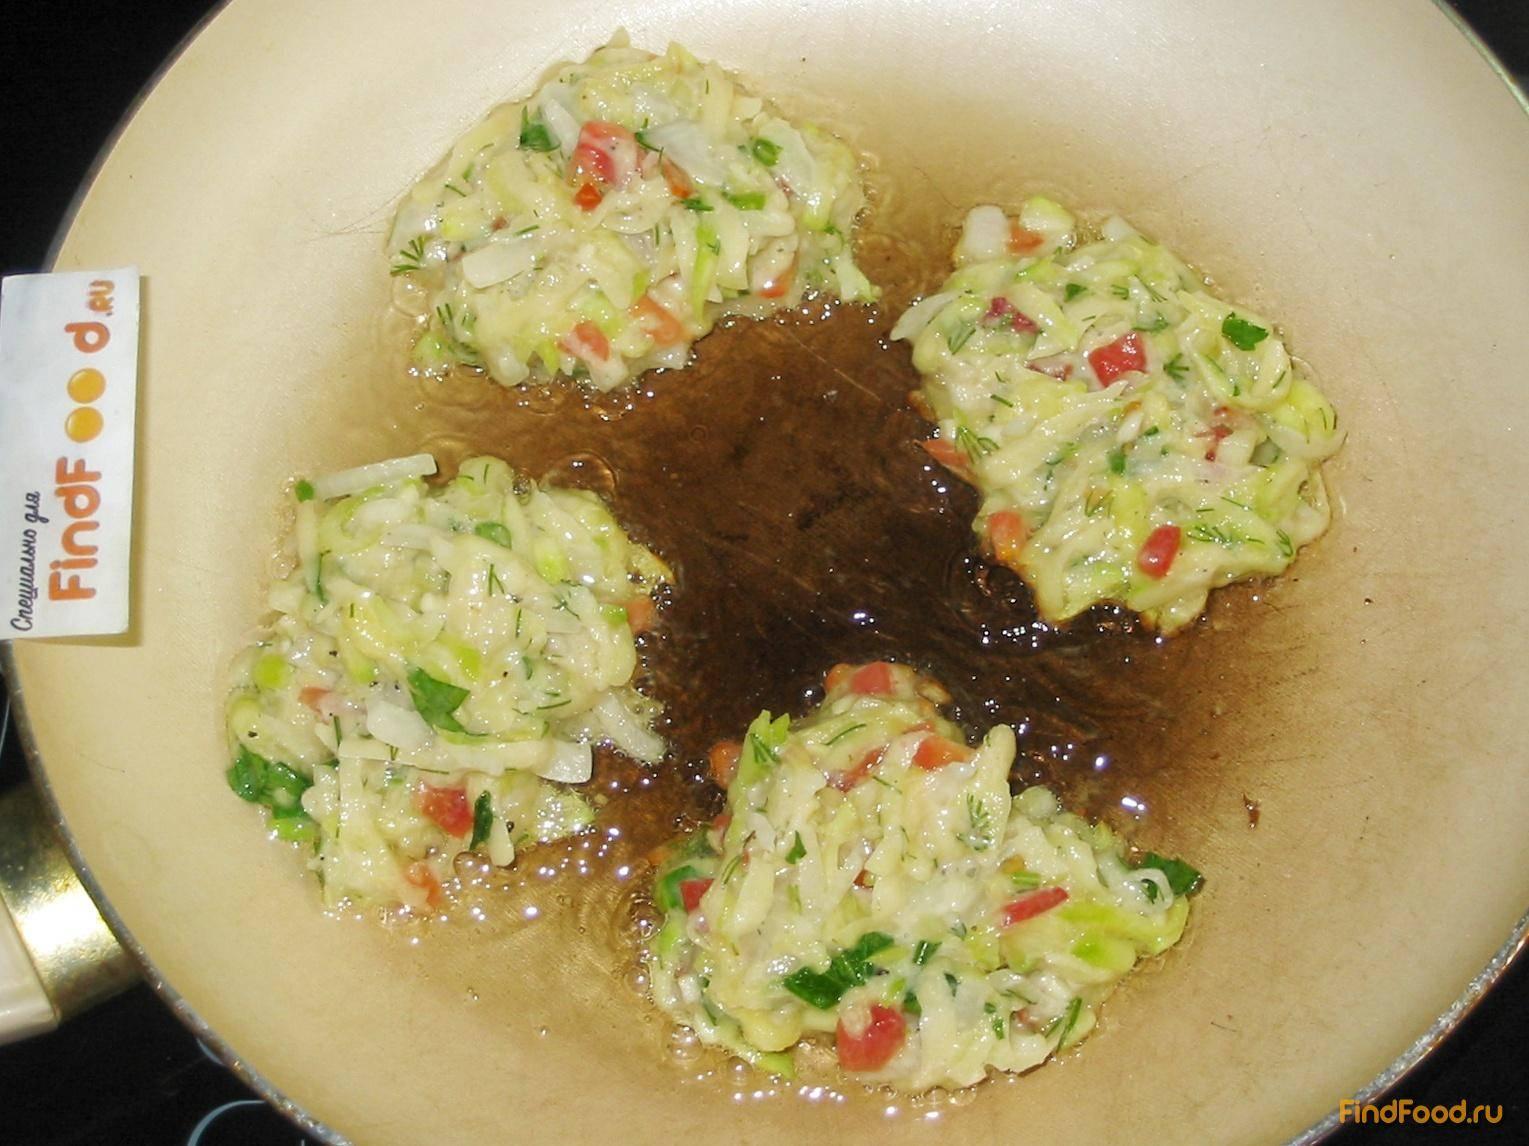 Драники с овощами рецепт с фото